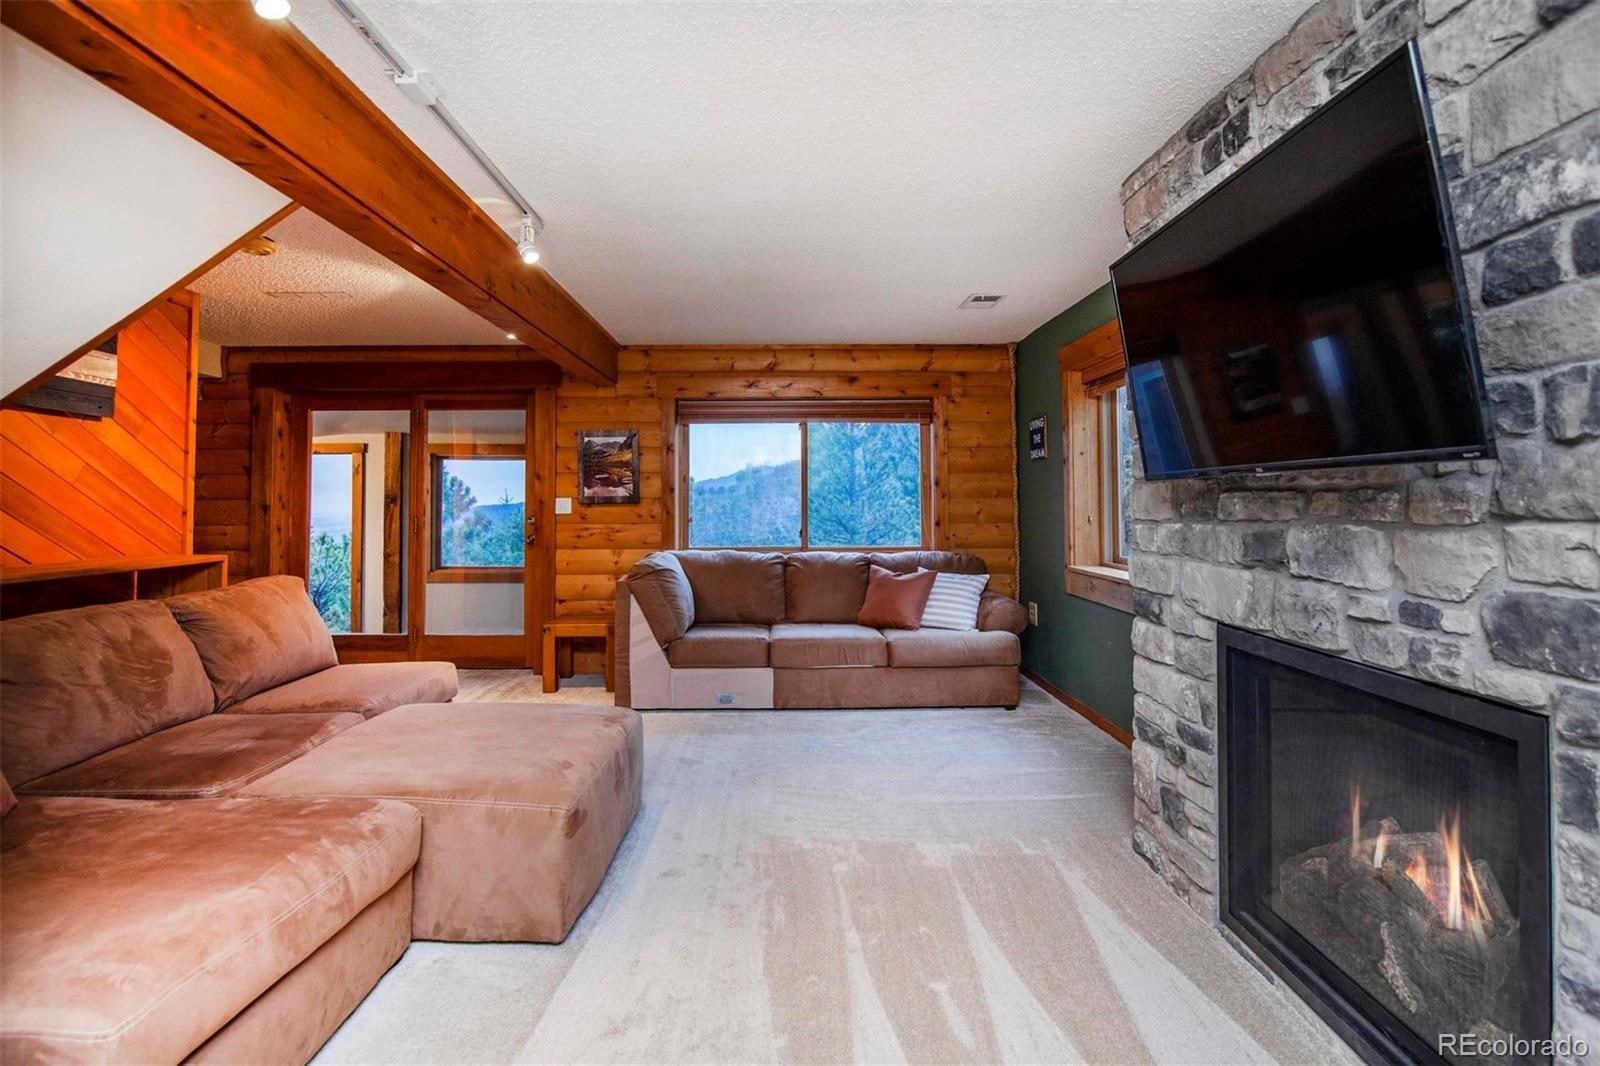 MLS# 2557627 - 11 - 487 Millionaire Drive, Boulder, CO 80302